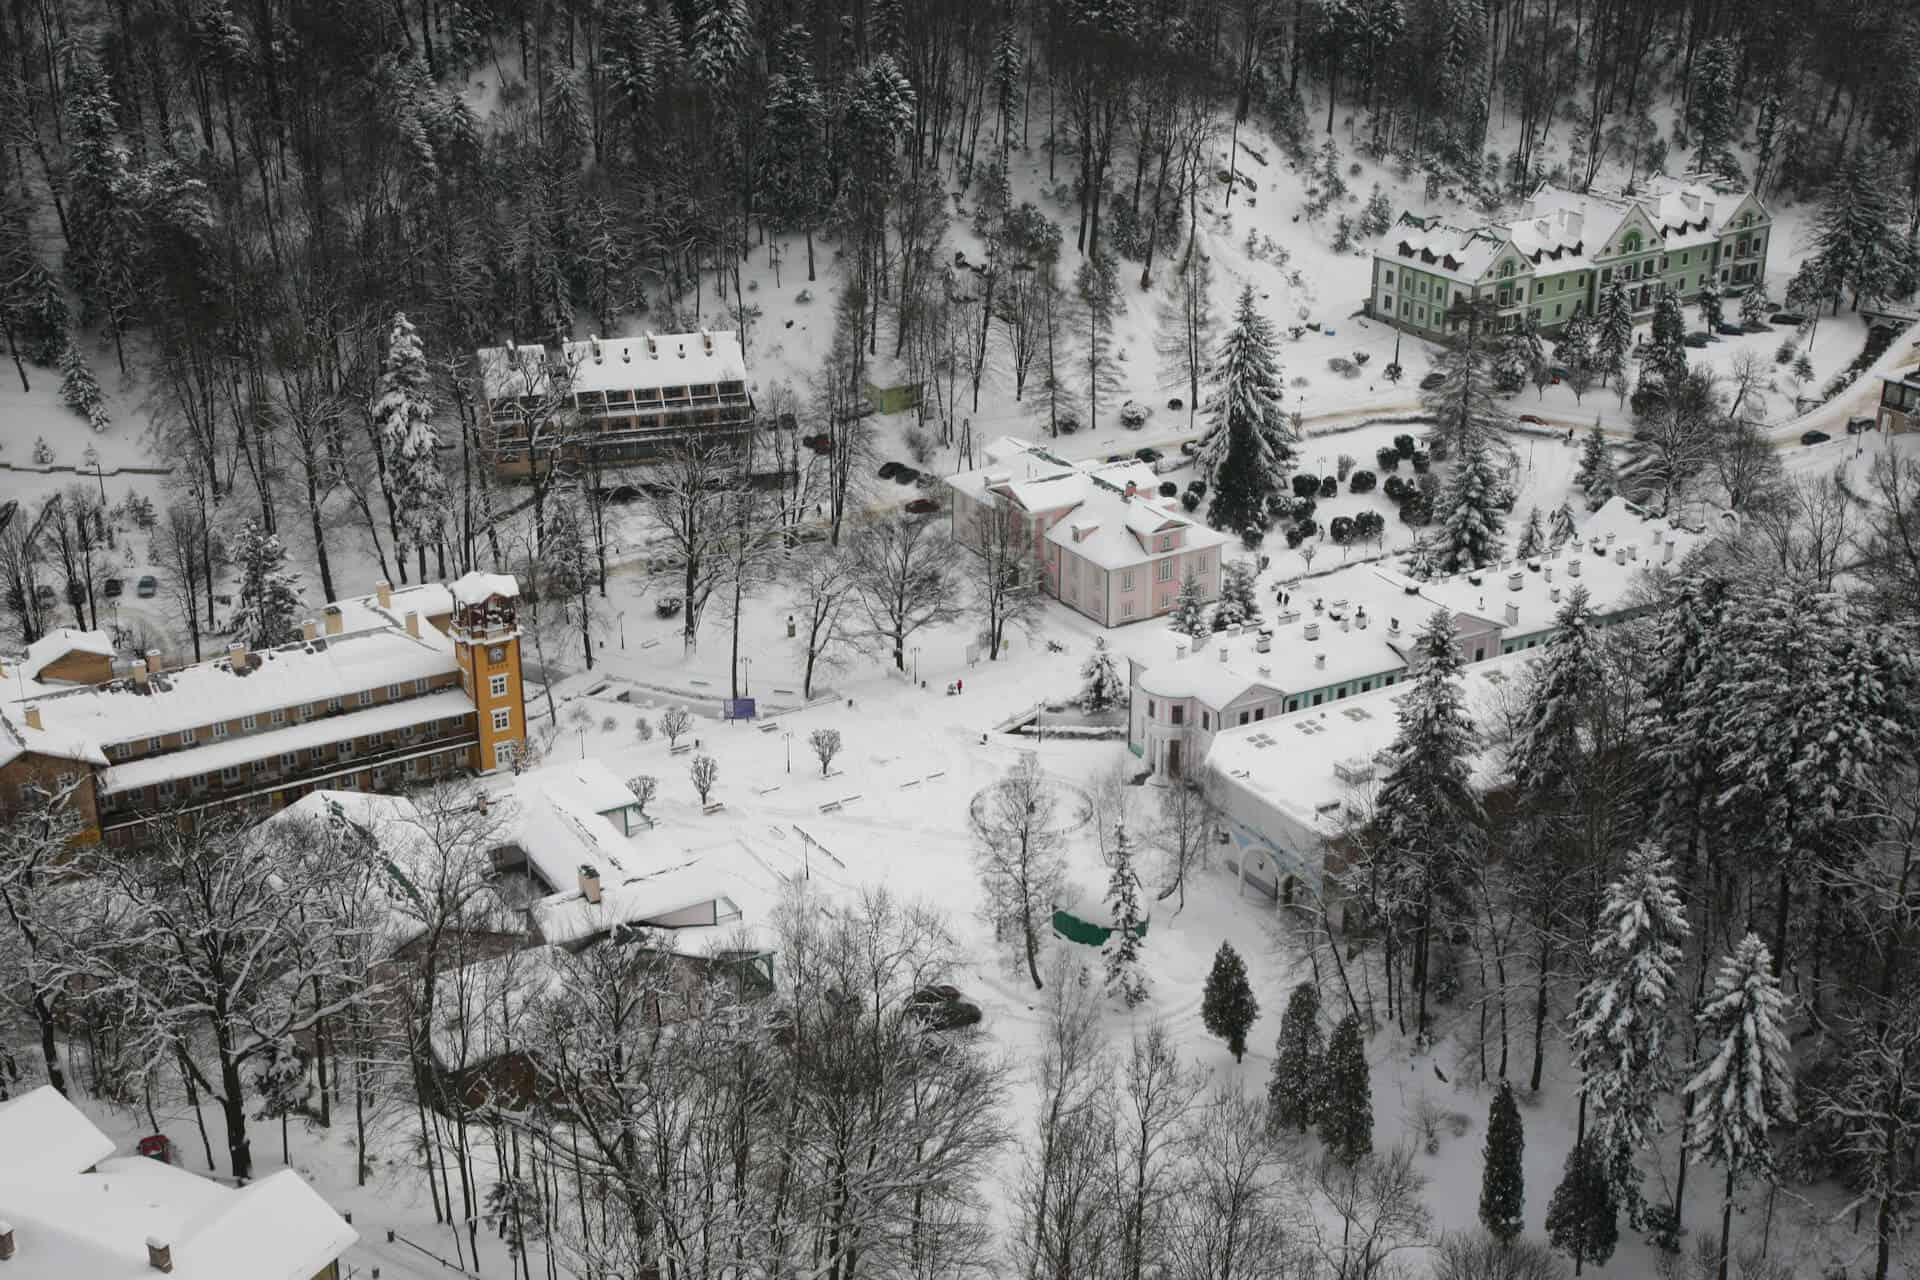 Zimowy krajobraz Iwonicza Zdroju